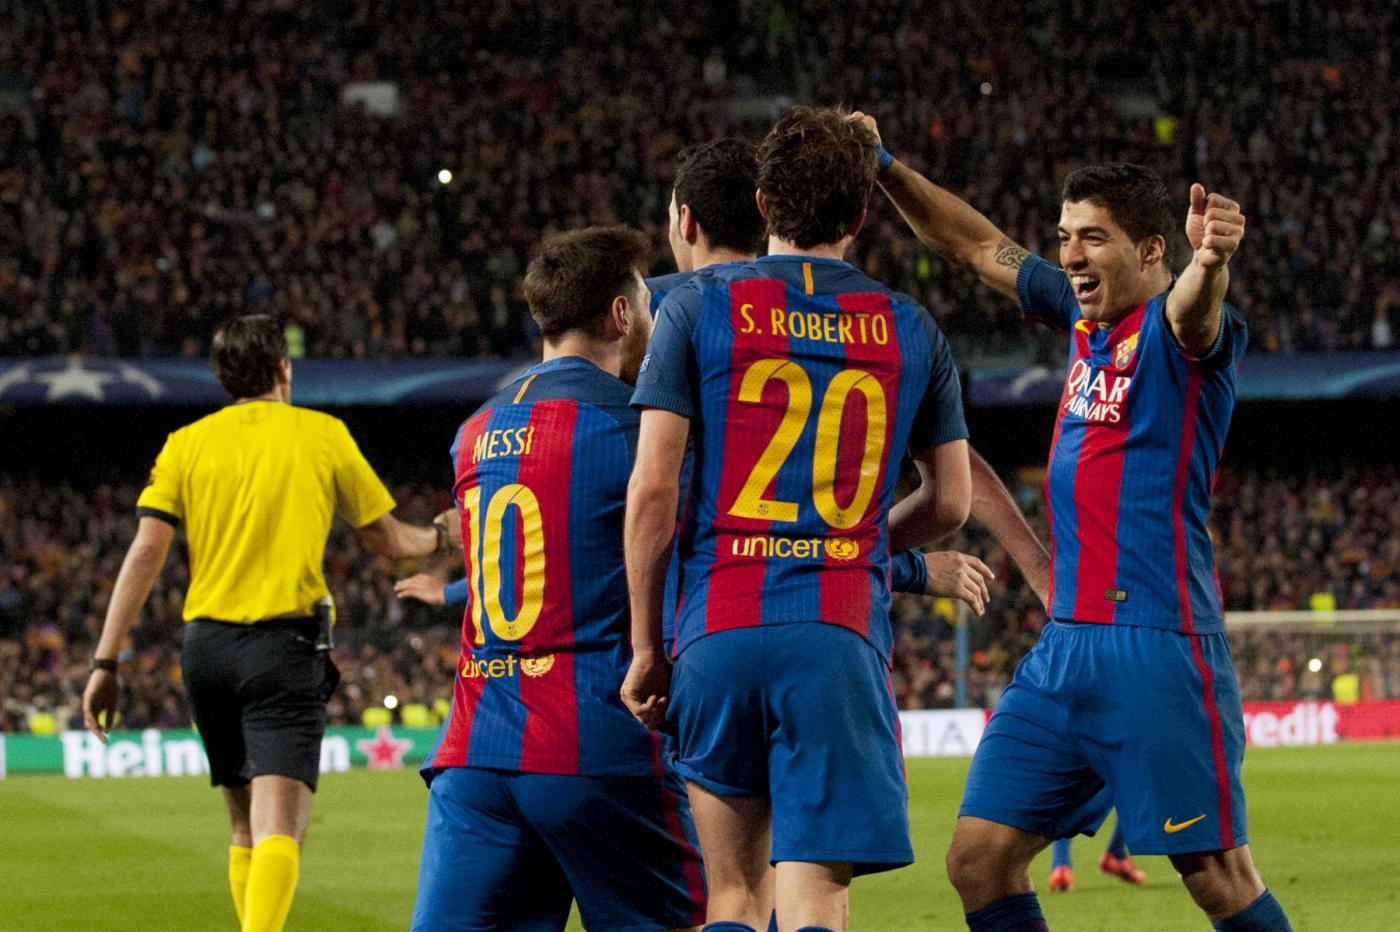 Olympiacos-Barcellona martedì 31 ottobre, analisi e pronostico Champions League giornata 4